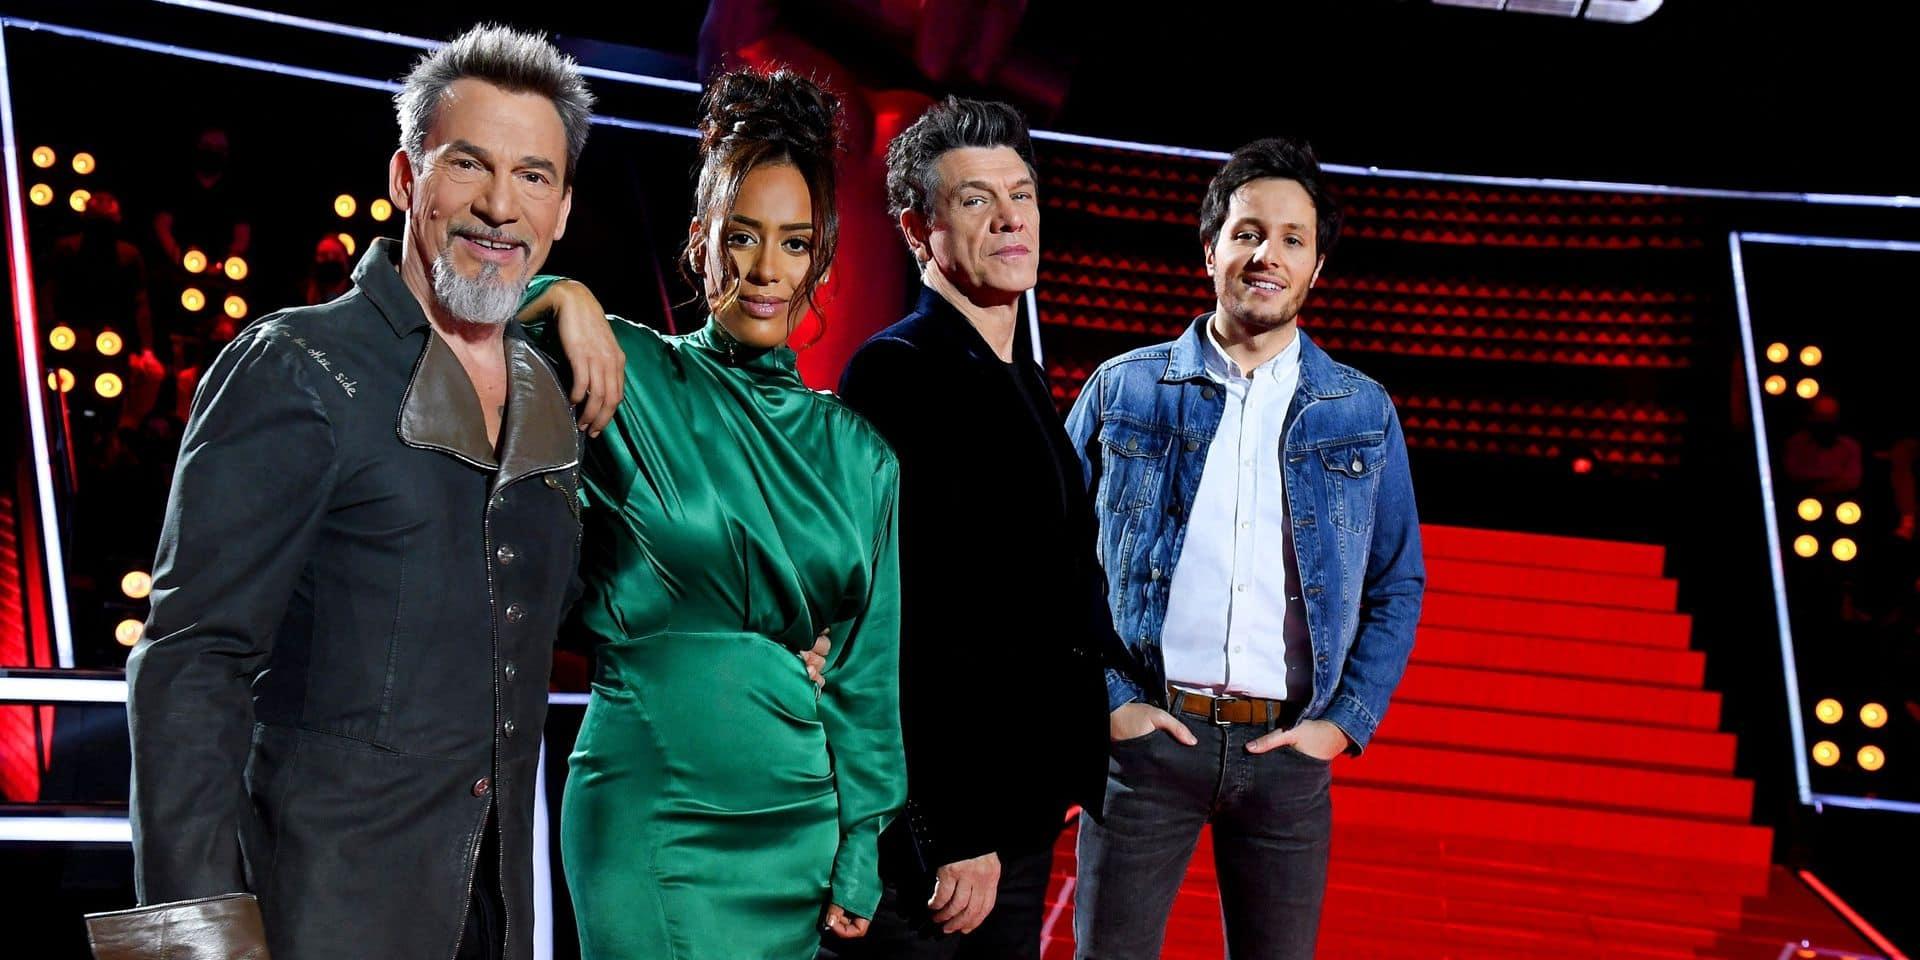 La production de The Voice prend une décision radicale pour 8 candidats avant la demi-finale